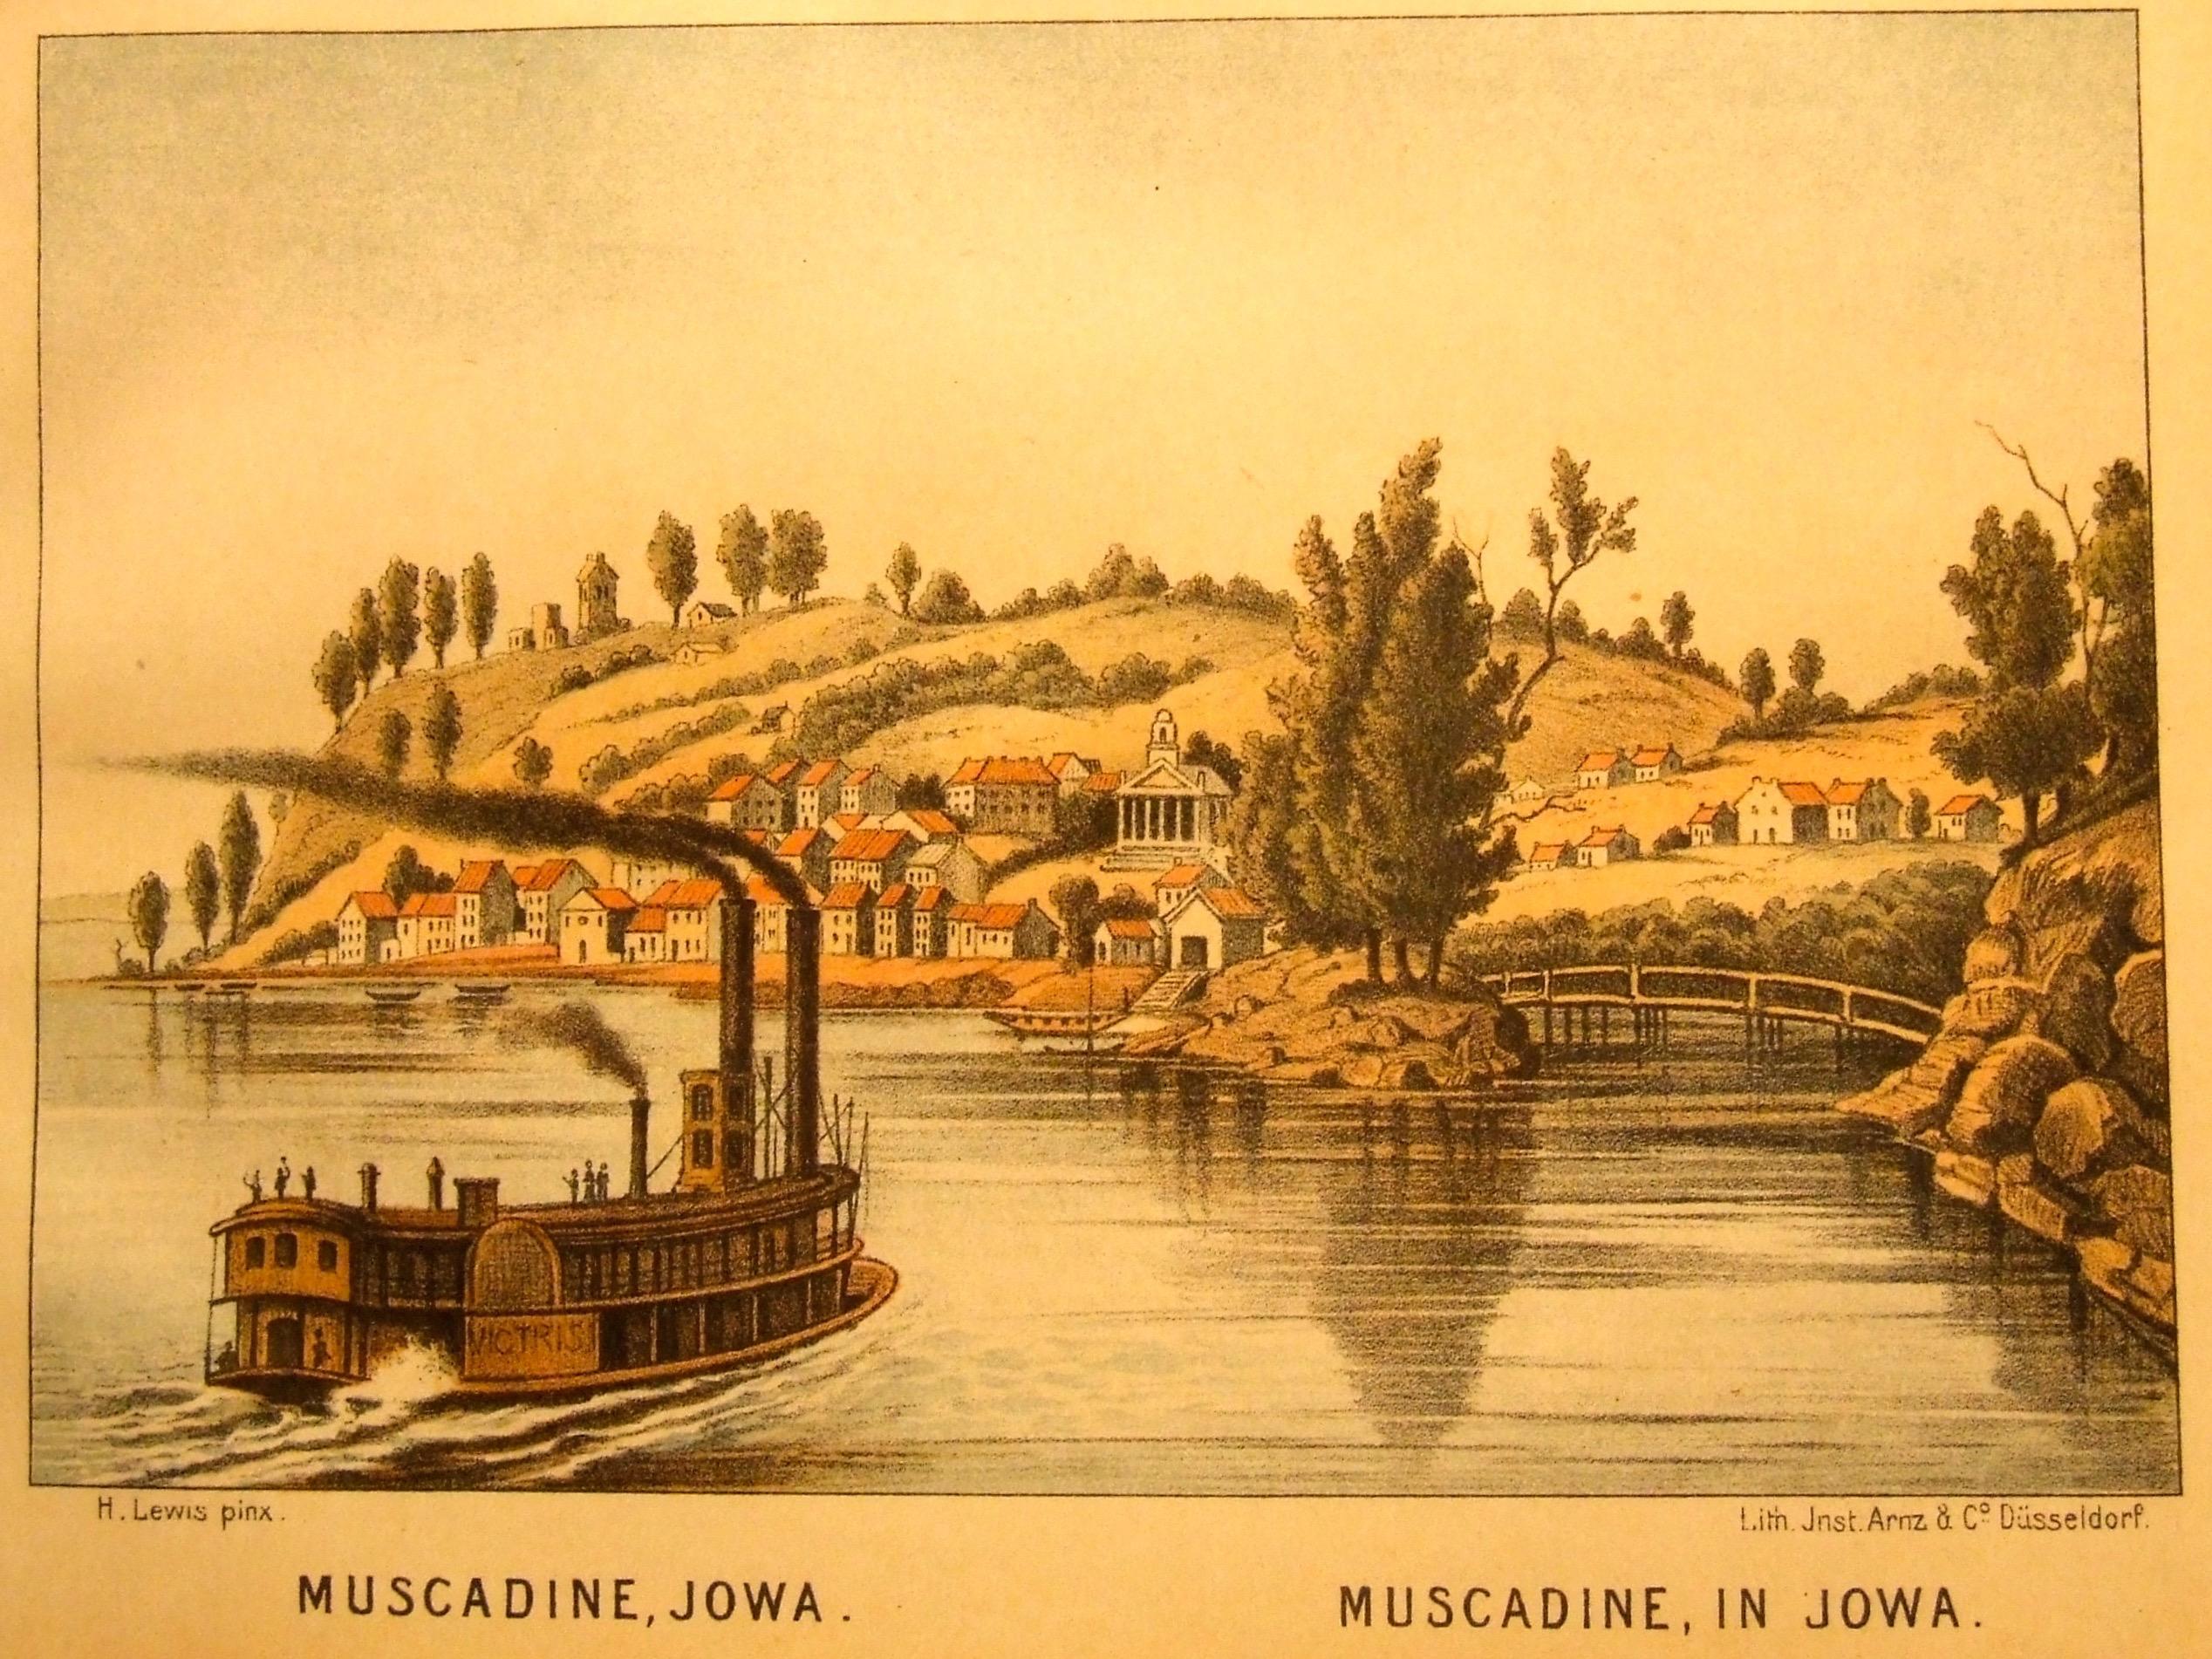 Muscadine, IA